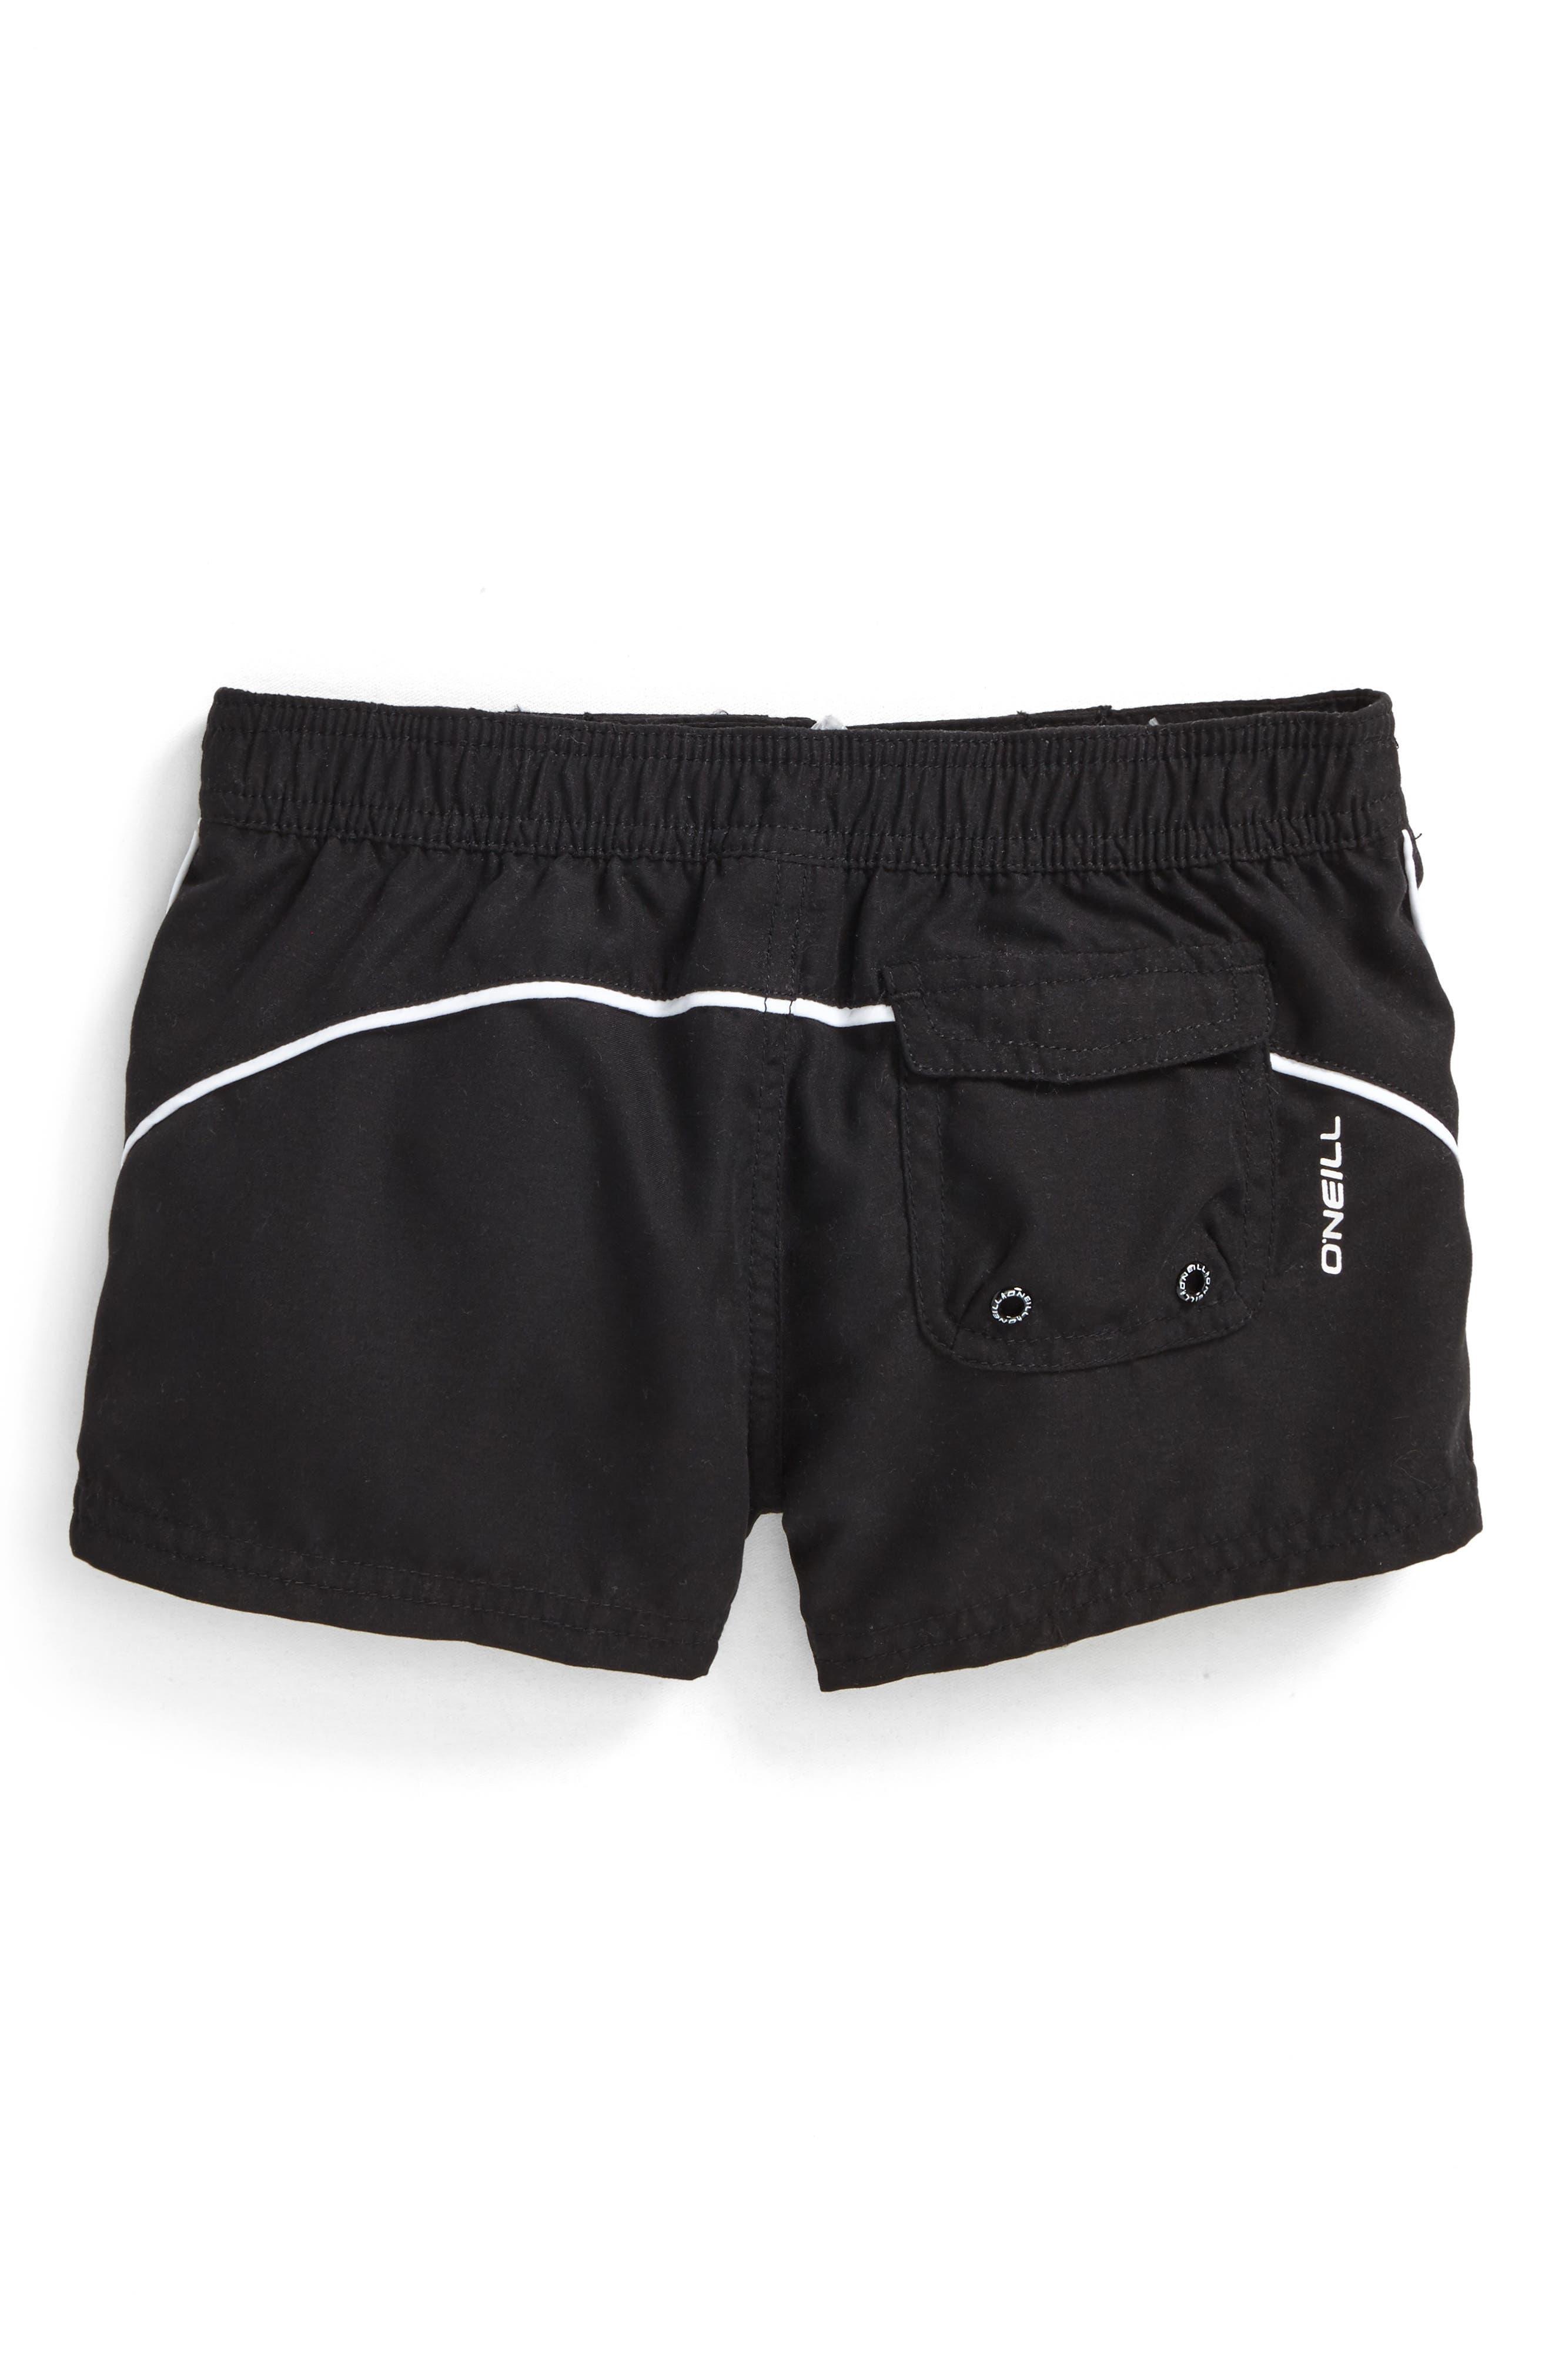 Salt Water Board Shorts,                             Main thumbnail 1, color,                             001